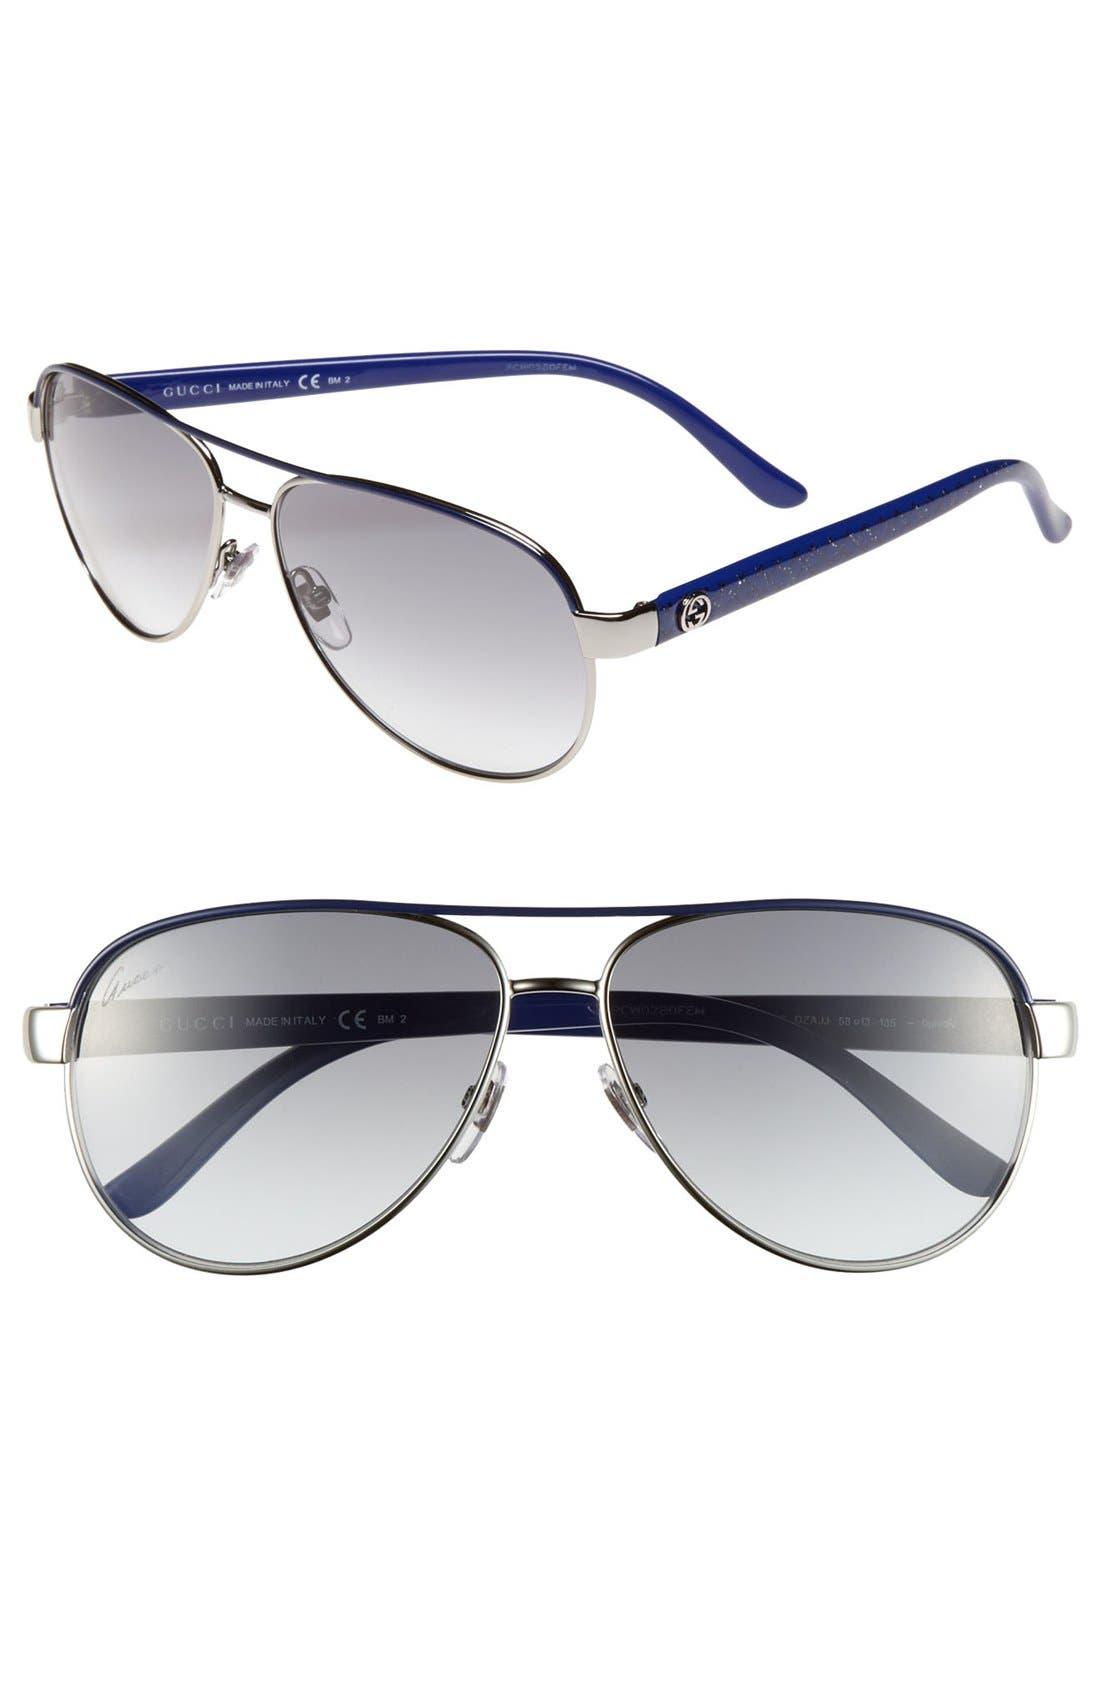 Alternate Image 1 Selected - Gucci Metal 58mm Aviator Sunglasses